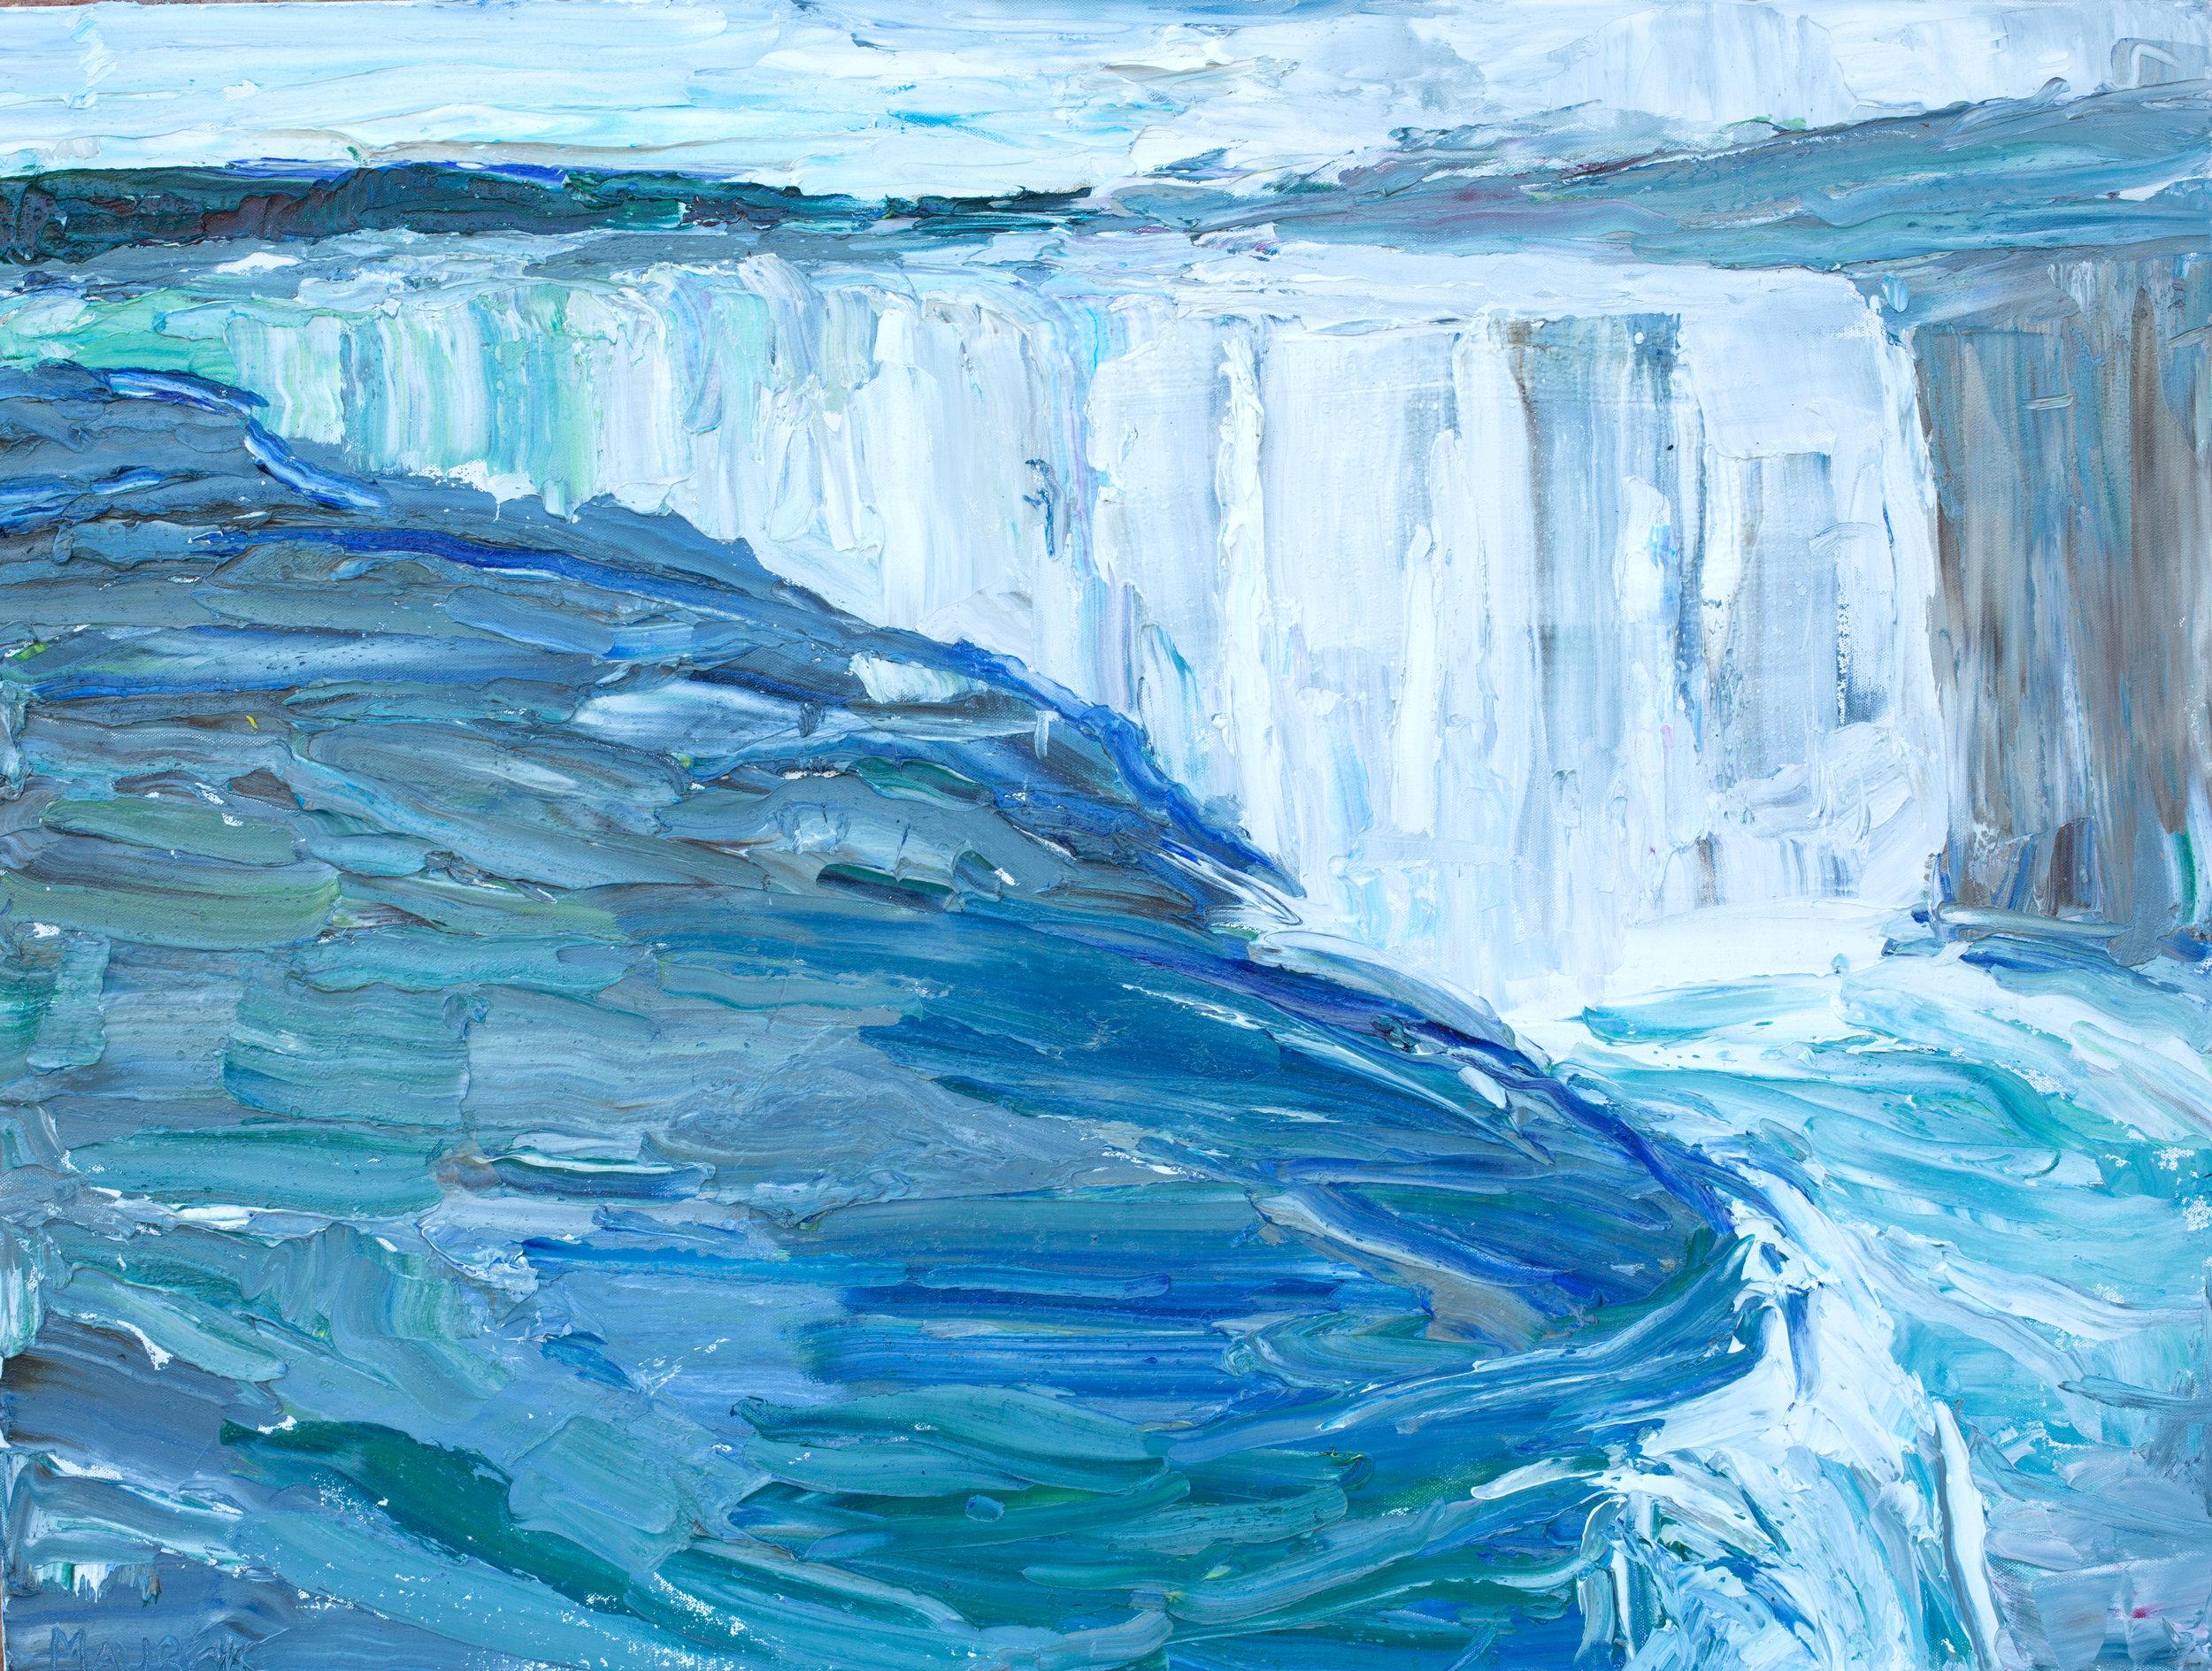 Niagara Falls, 30x40in, $3,000